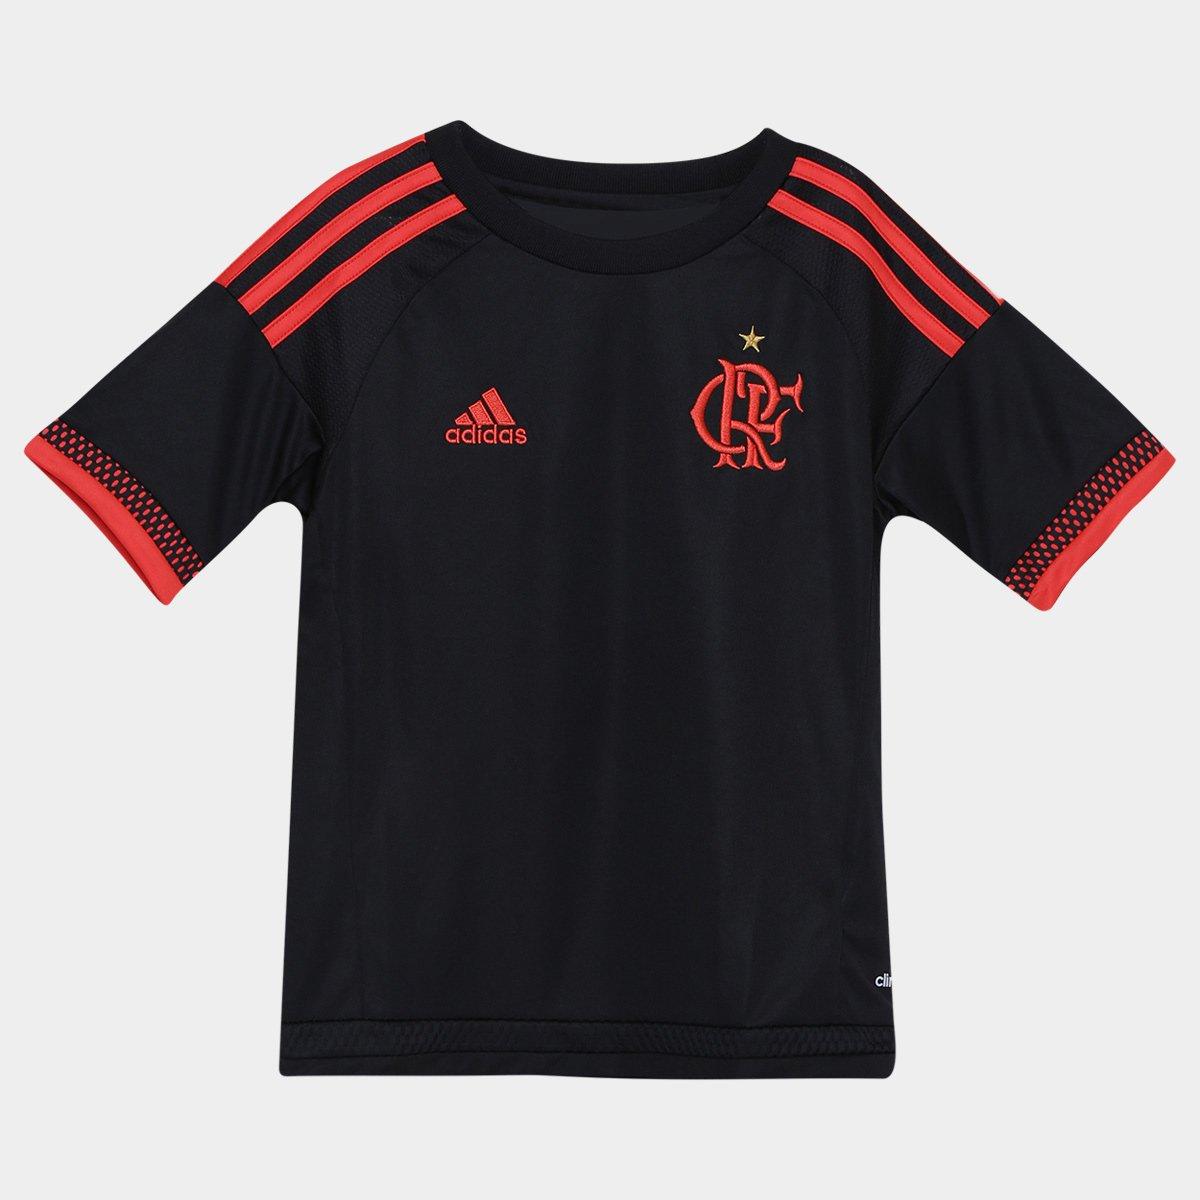 Camisa Flamengo Infantil III 2016 s nº Adidas - Compre Agora  05f43390d24